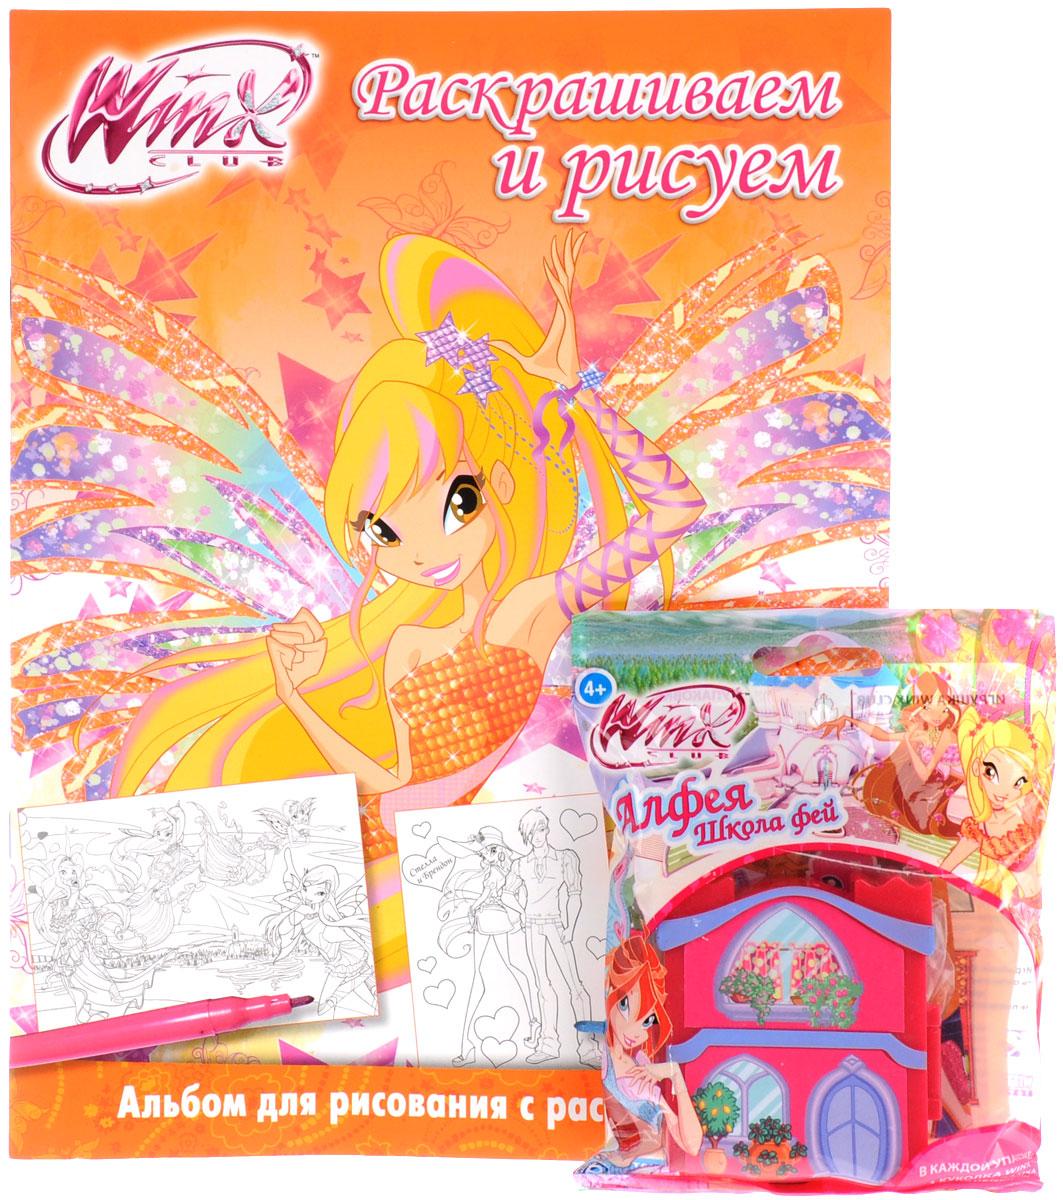 Winx Club. Раскрашиваем и рисуем. Альбом для рисования с раскрасками. Выпуск 5 (+ игрушка)